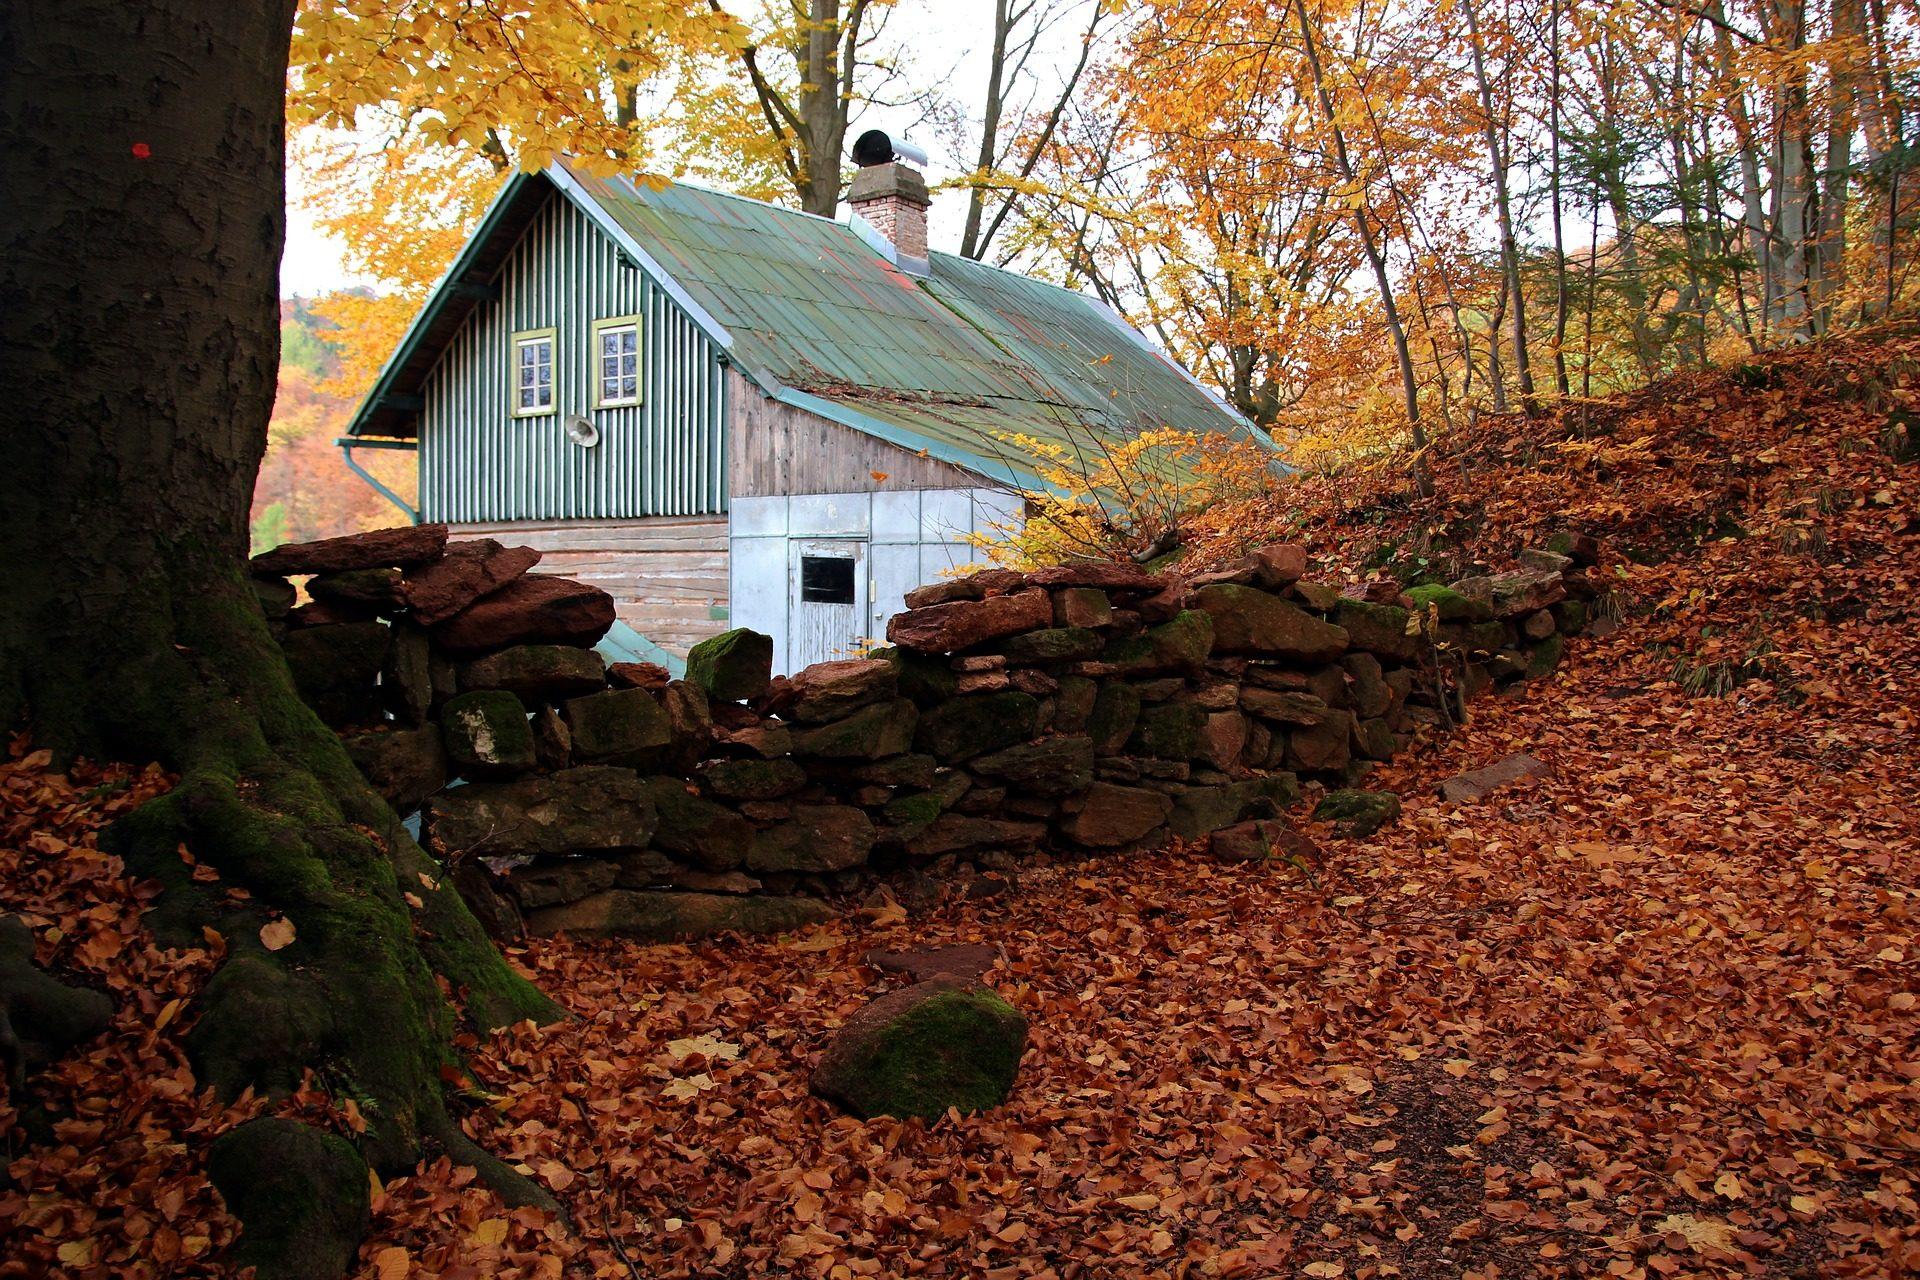 房子, 卡巴纳, 叶子, 干, 石头, 树, 秋天, 树木 - 高清壁纸 - 教授-falken.com